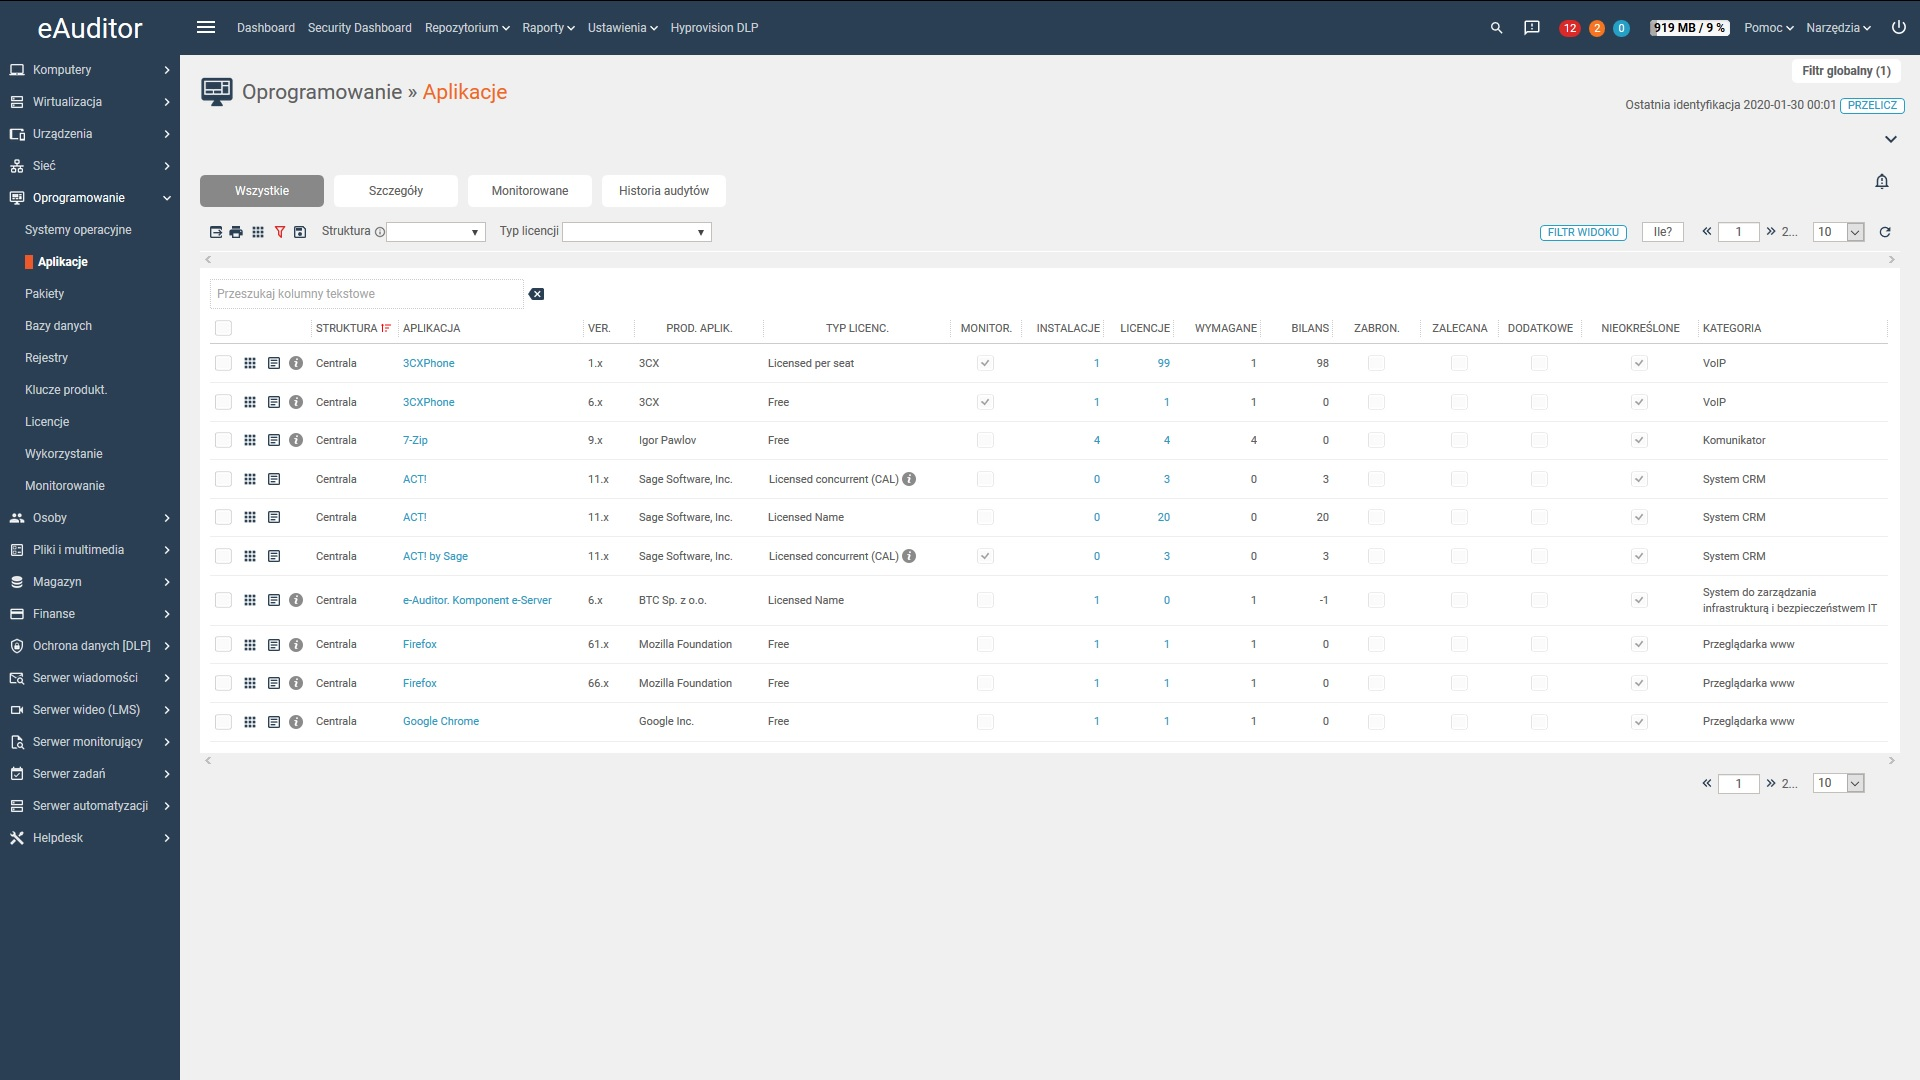 eAuditor V7 WEB - Oprogramowanie - Aplikacje